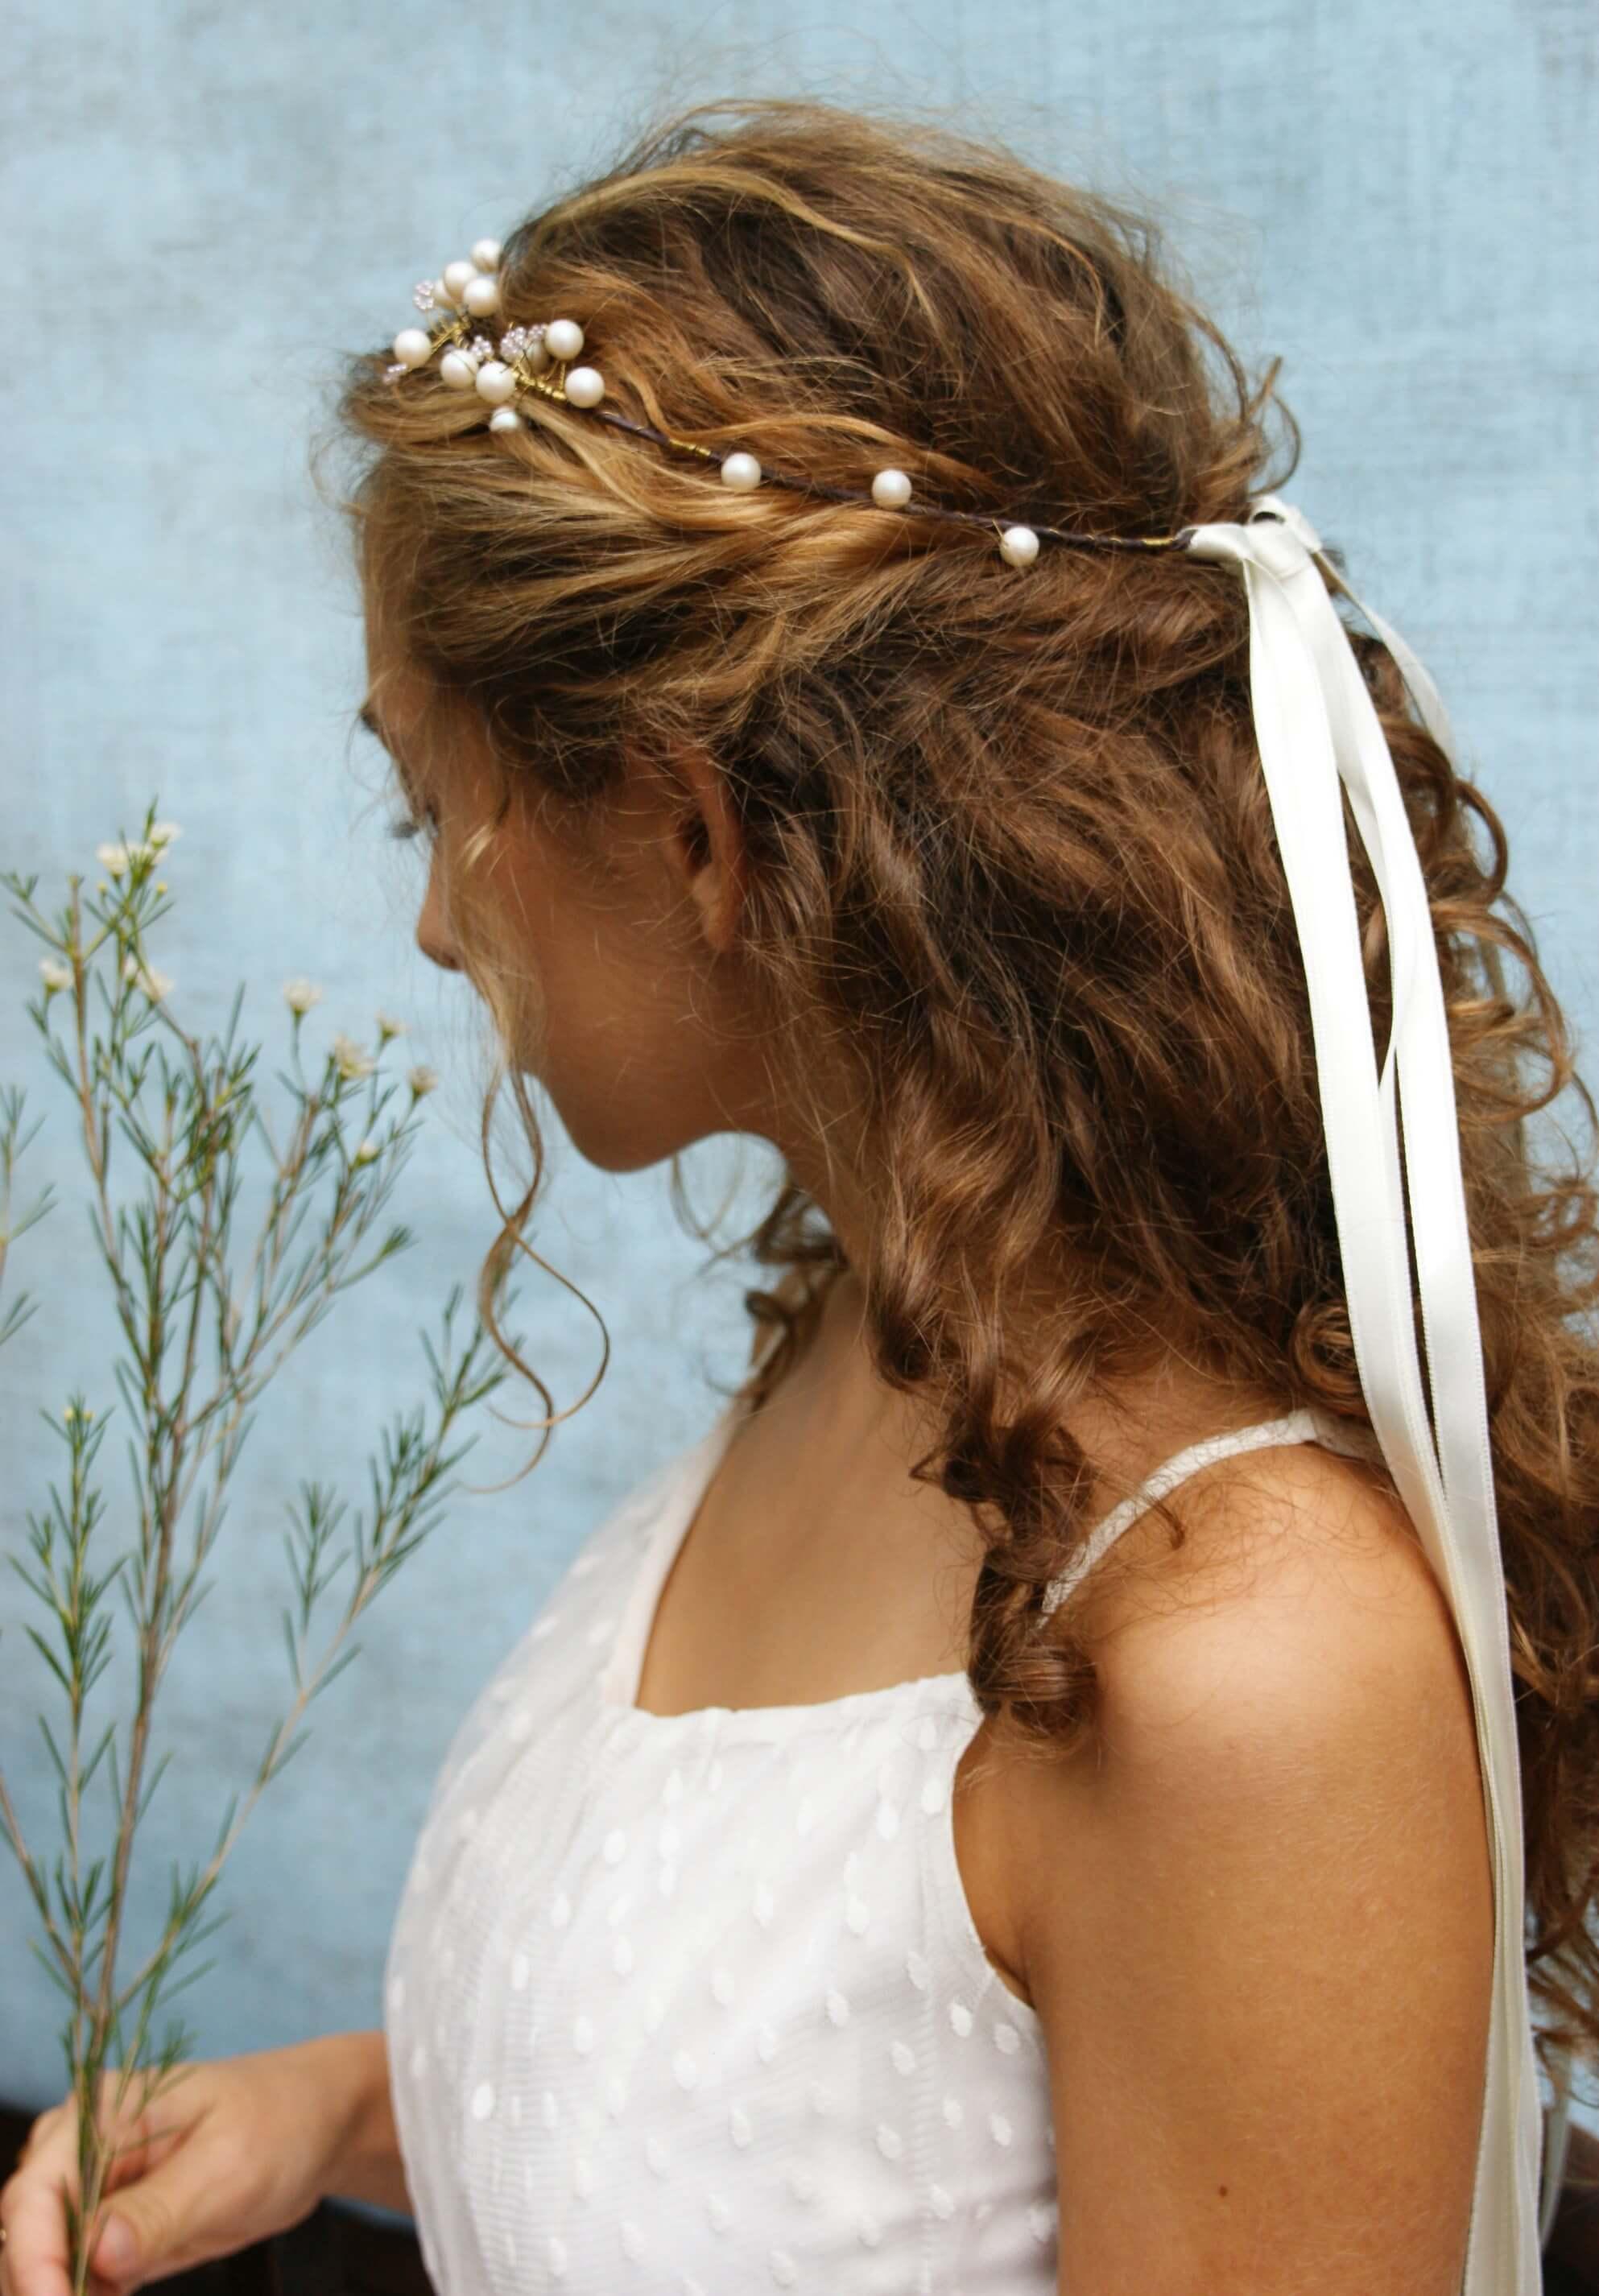 Szalagos koszorú menyasszonyi fejdísz